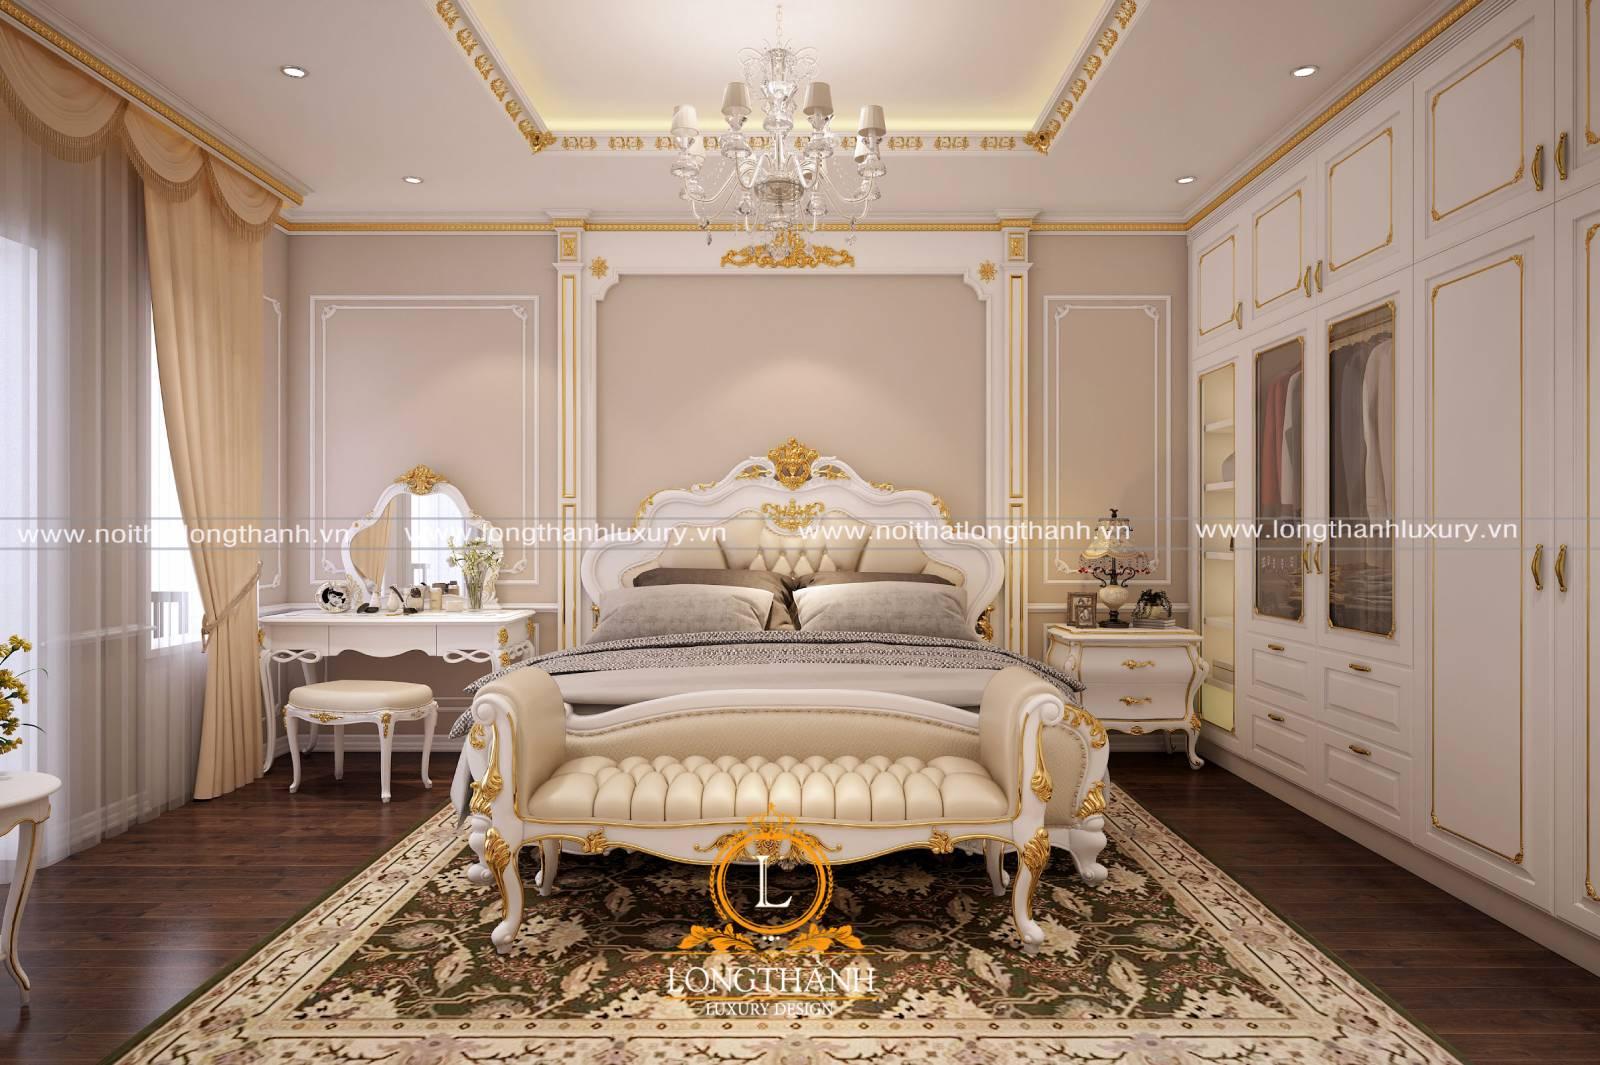 Mẫu giường ngủ tân cổ điển sơn trắng kết hợp với sofa trắng tinh tế